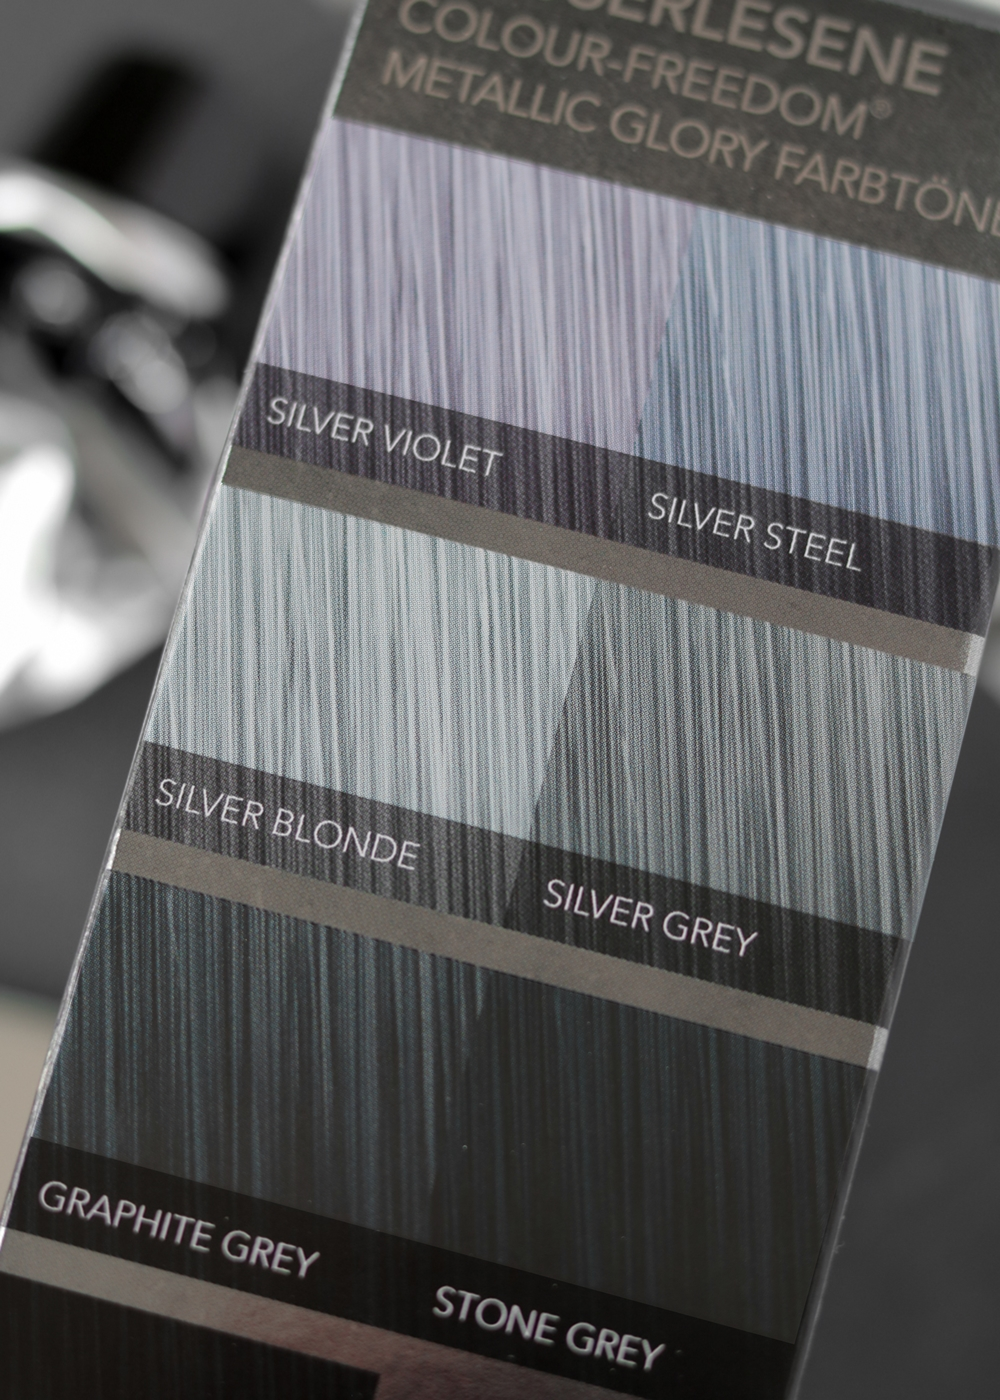 Graue Haare Erfahrungen Mit Colour Freedom Silver Grey